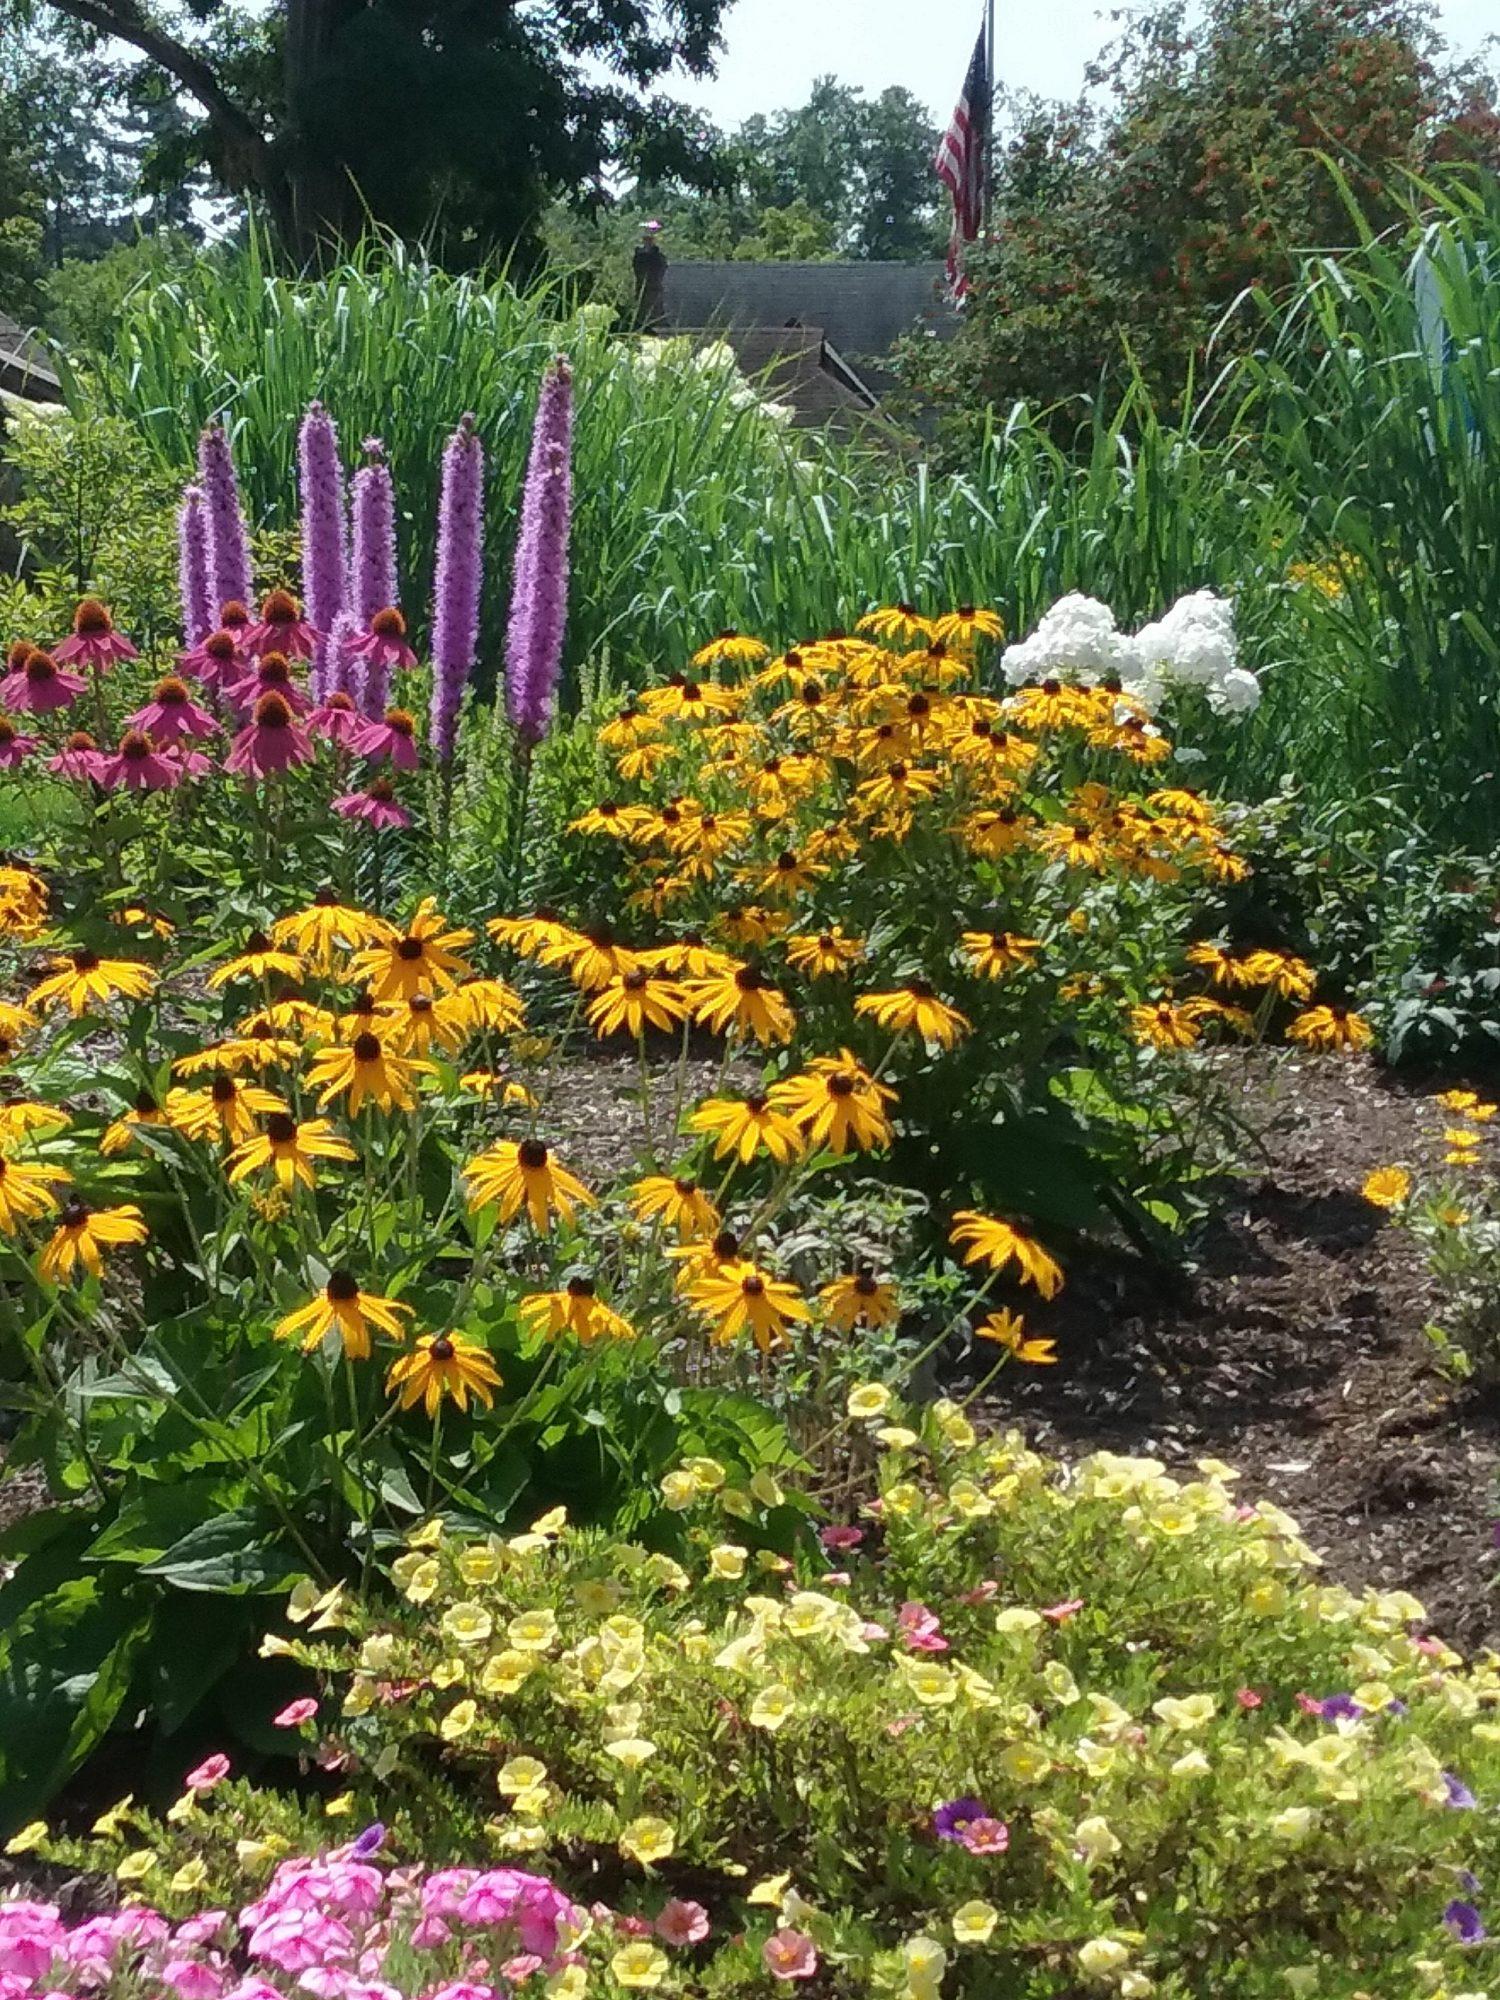 Rogers park garden 1